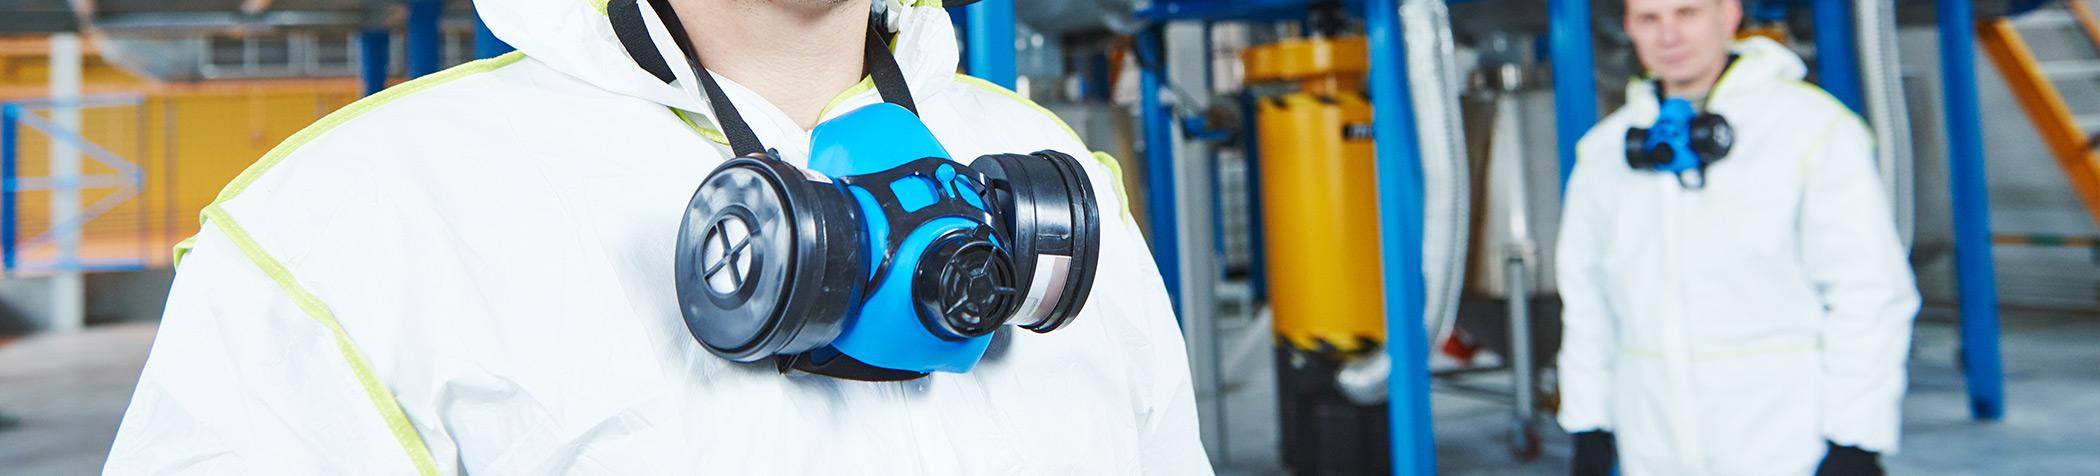 anthrotech-blog-respirator-design